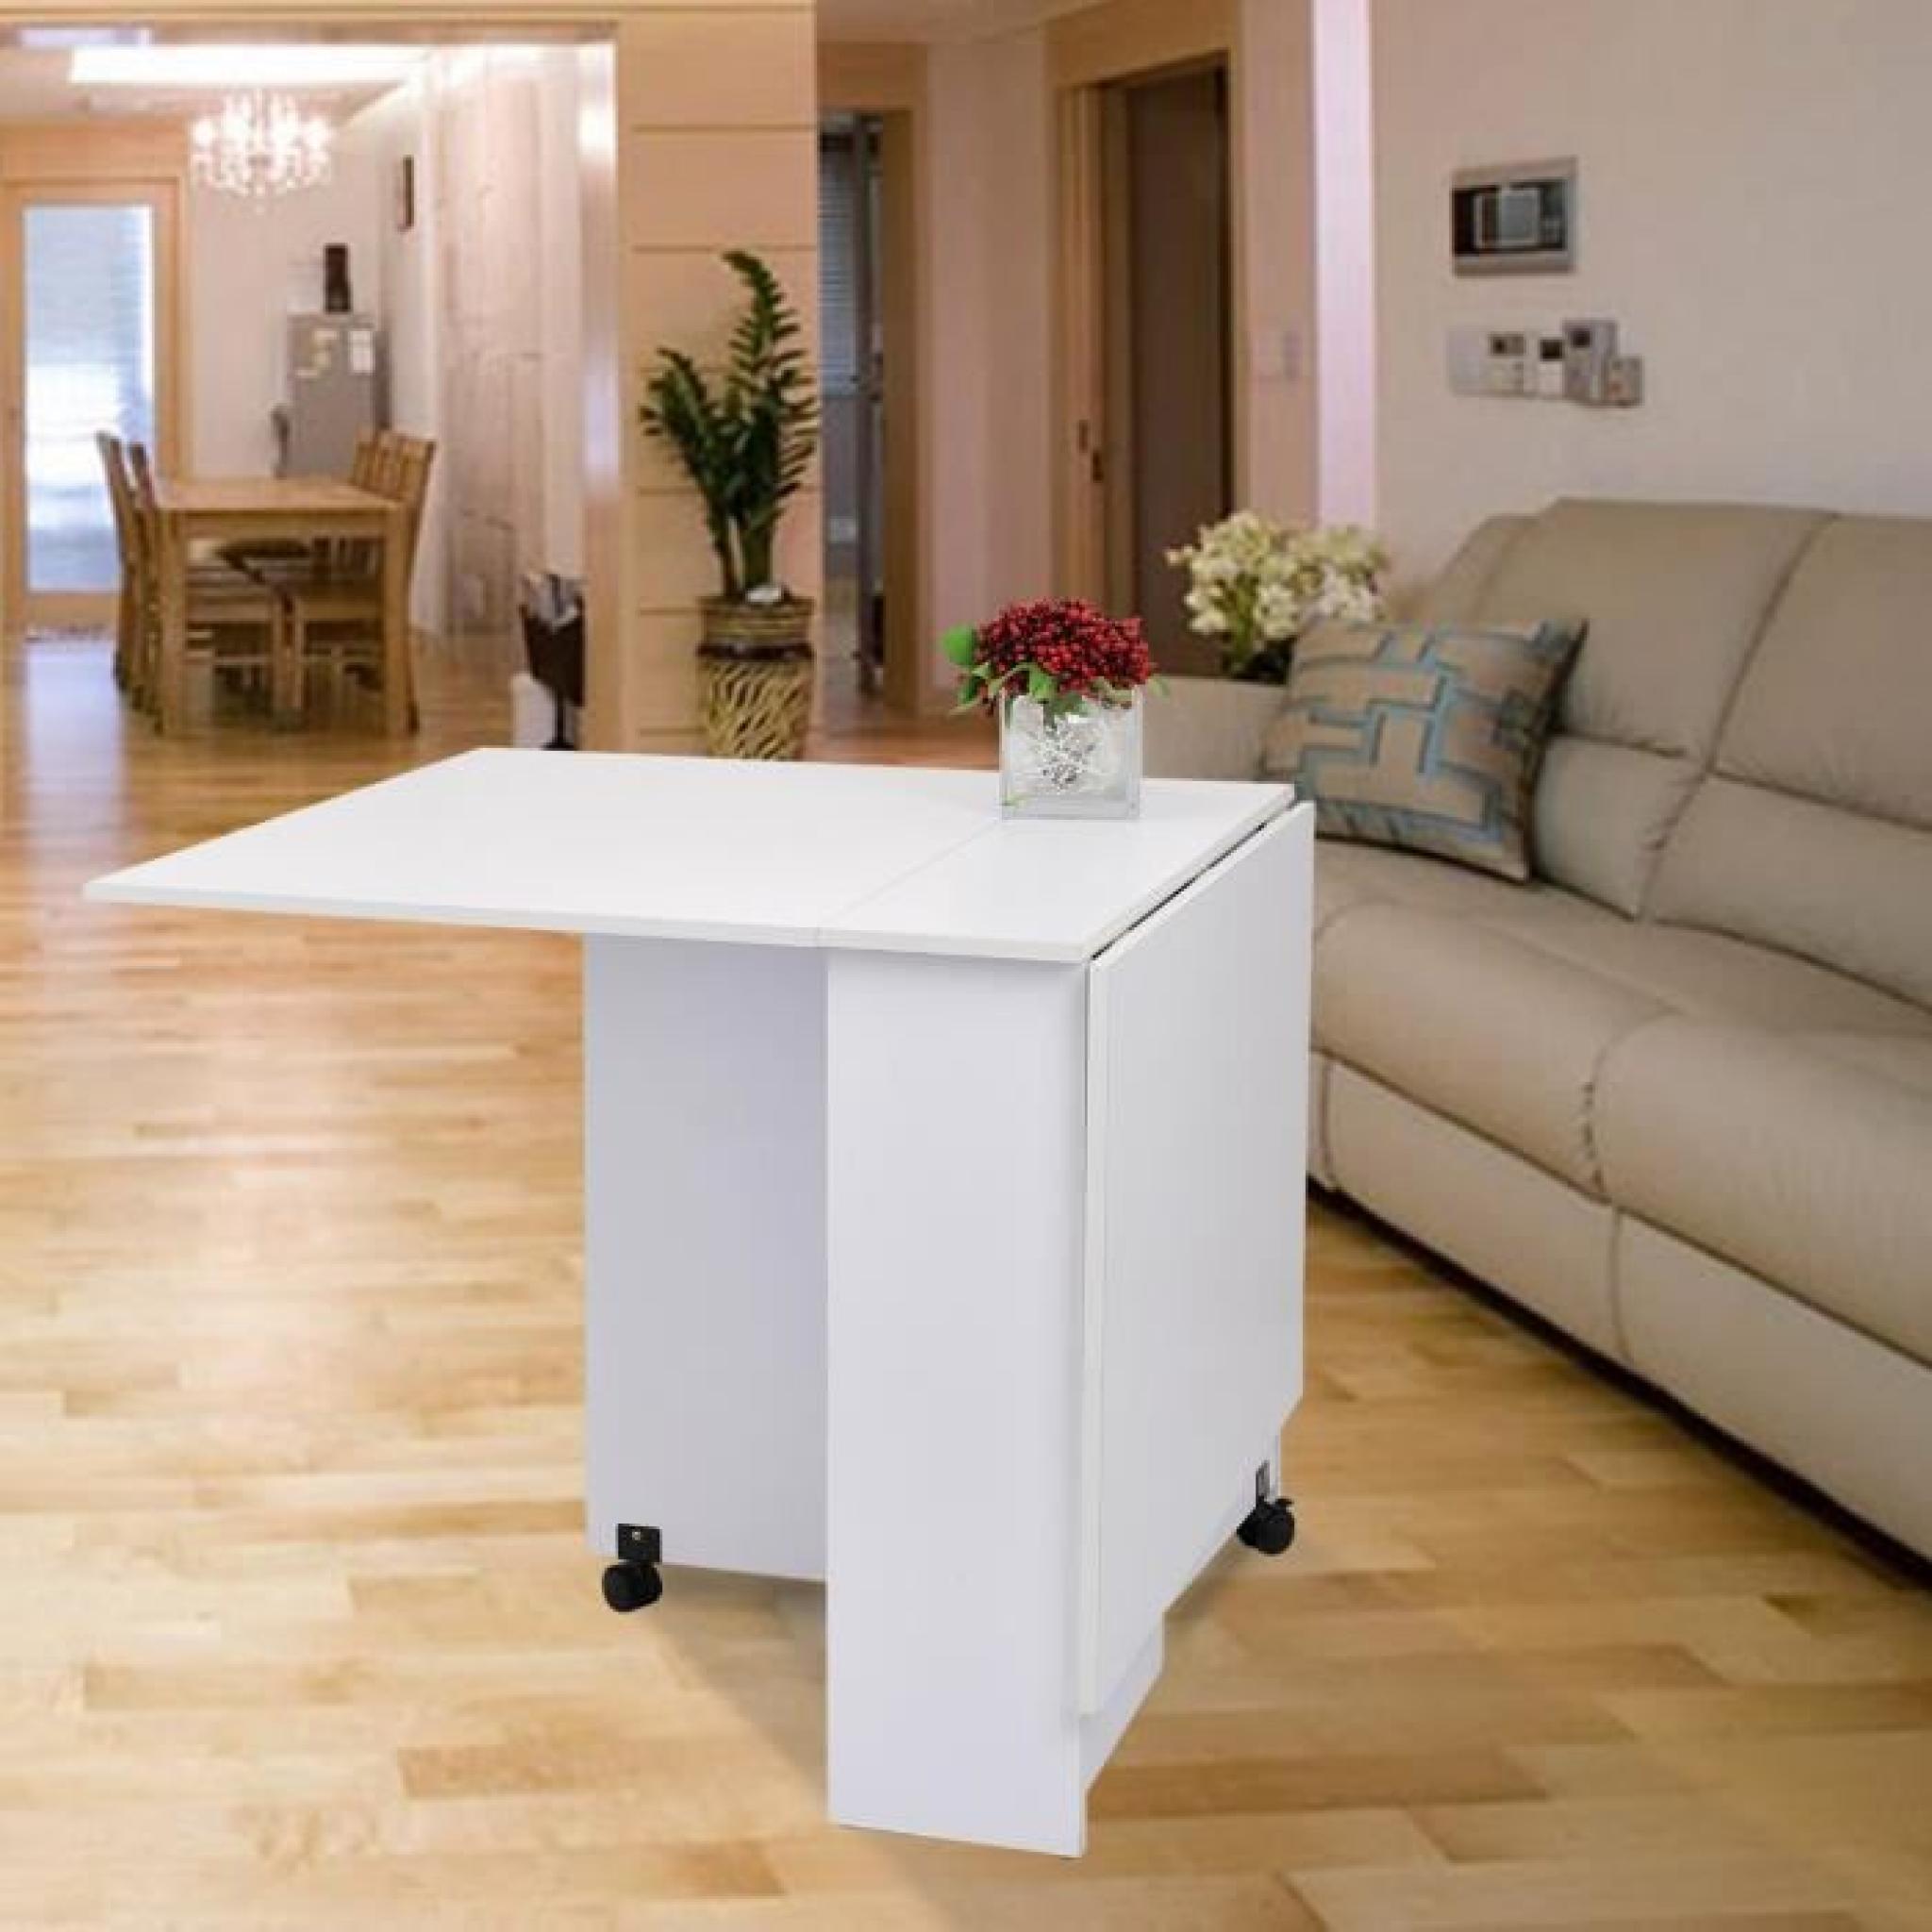 table de cuisine salle manger pliable amovible t achat. Black Bedroom Furniture Sets. Home Design Ideas